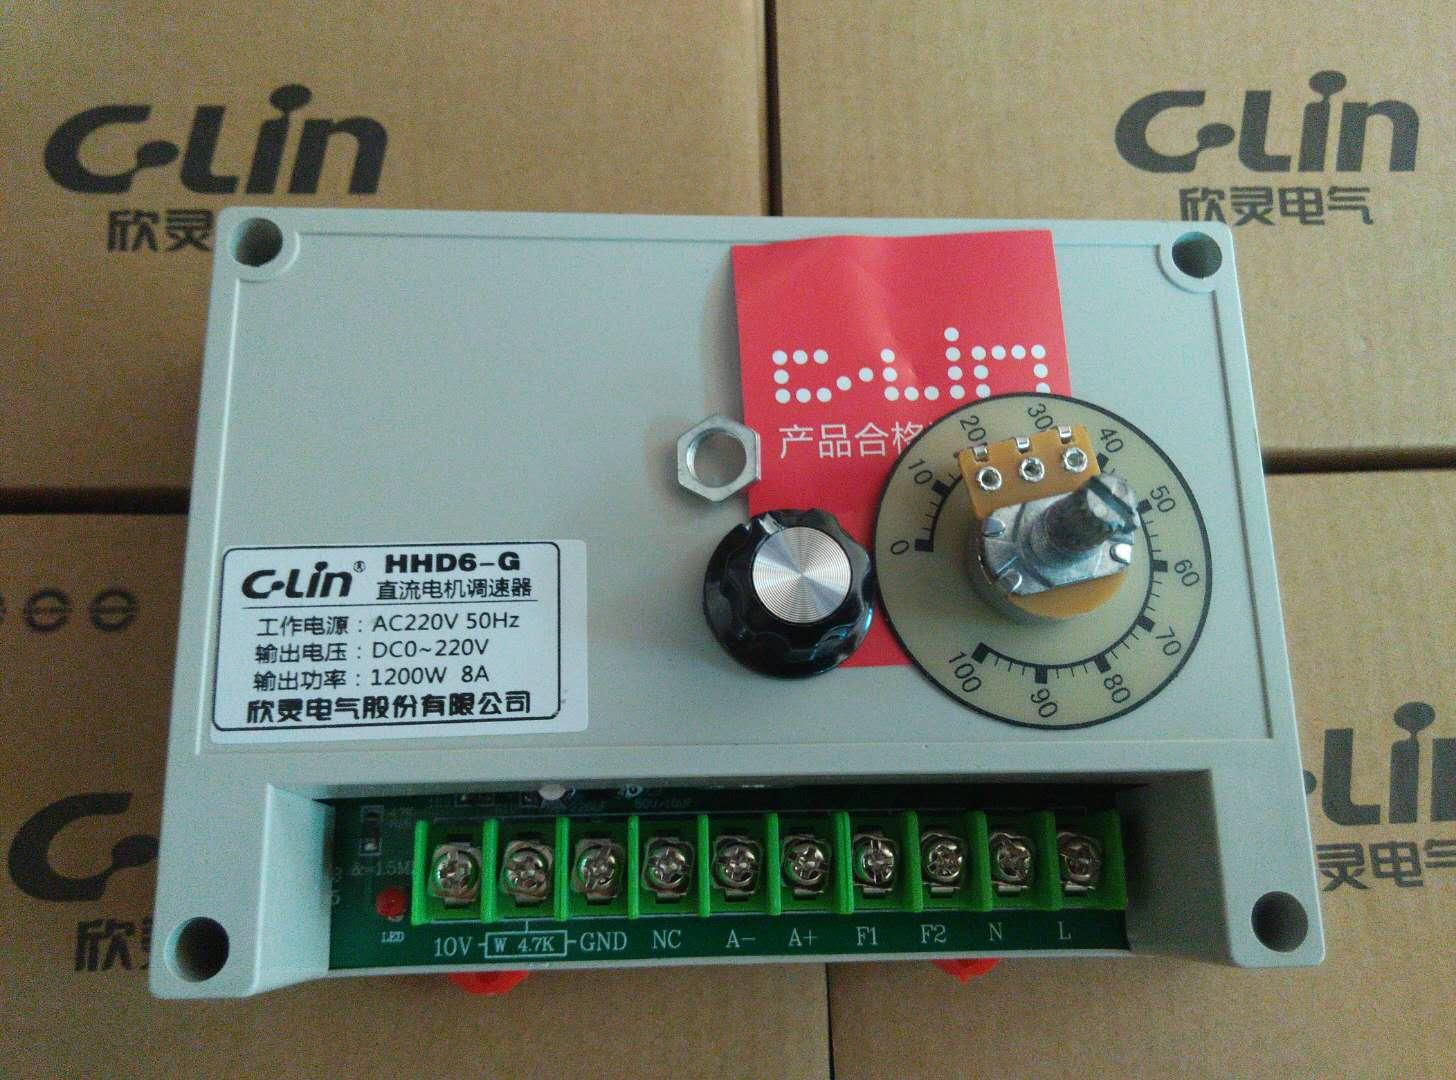 موتور تحكم C-لين HHD6-G (HHD6-622) 1200W عالية الطاقة DC سرعة المحرك تحكم AC220V